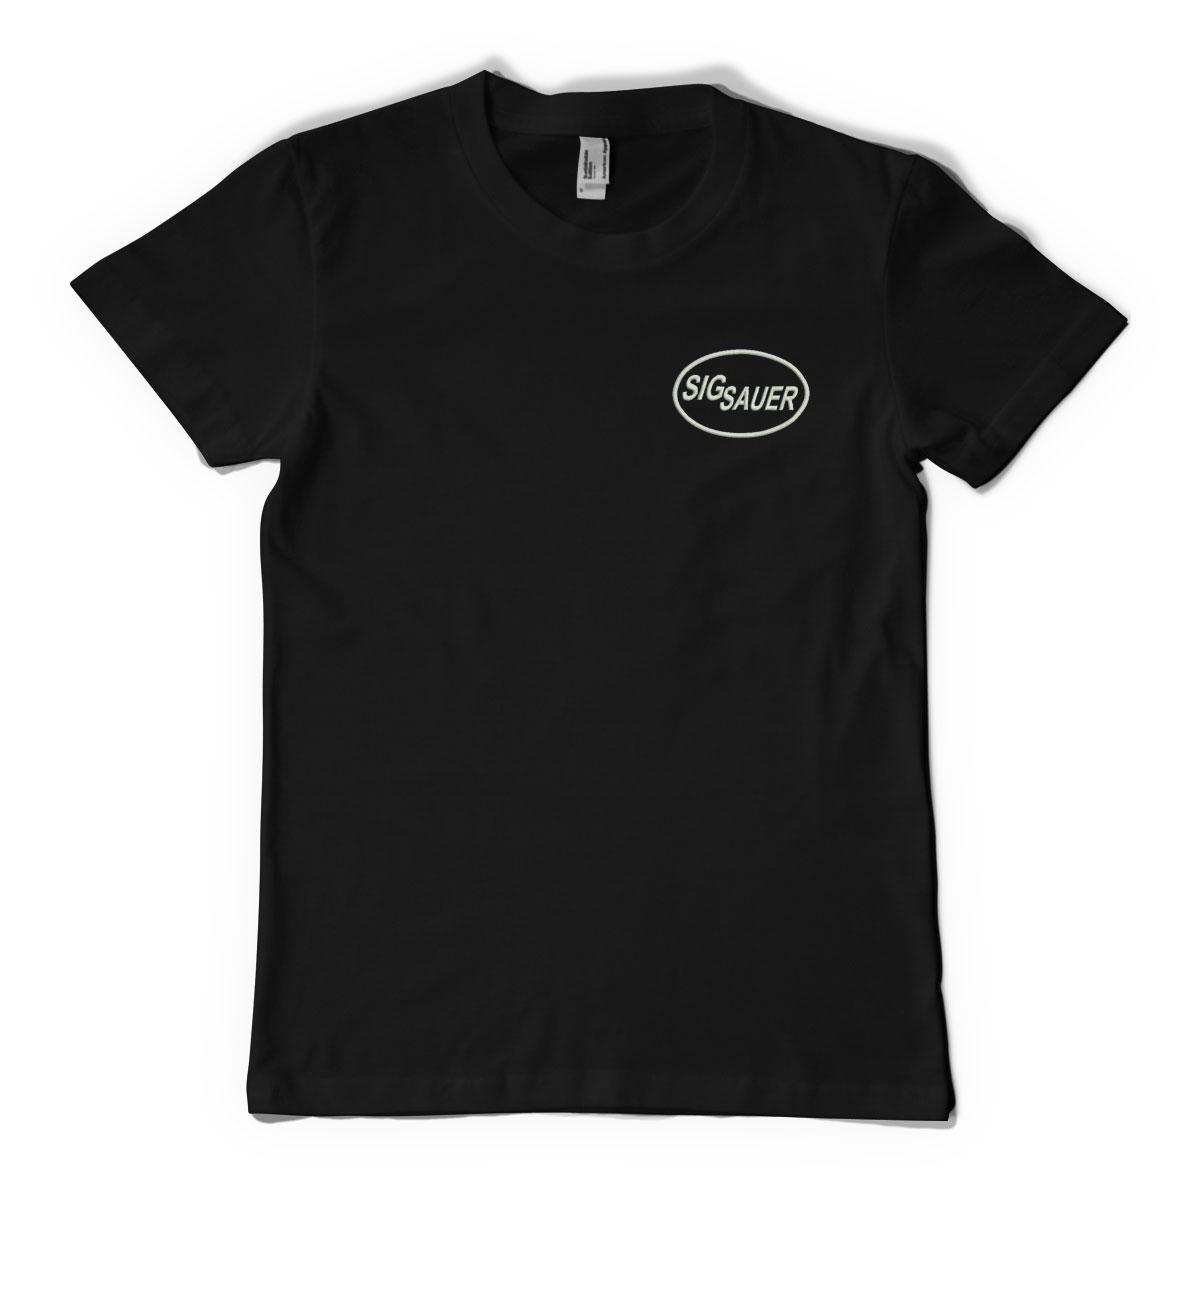 Bkk Bargains Sig Sauer T Shirt Bestickt Online Kaufen